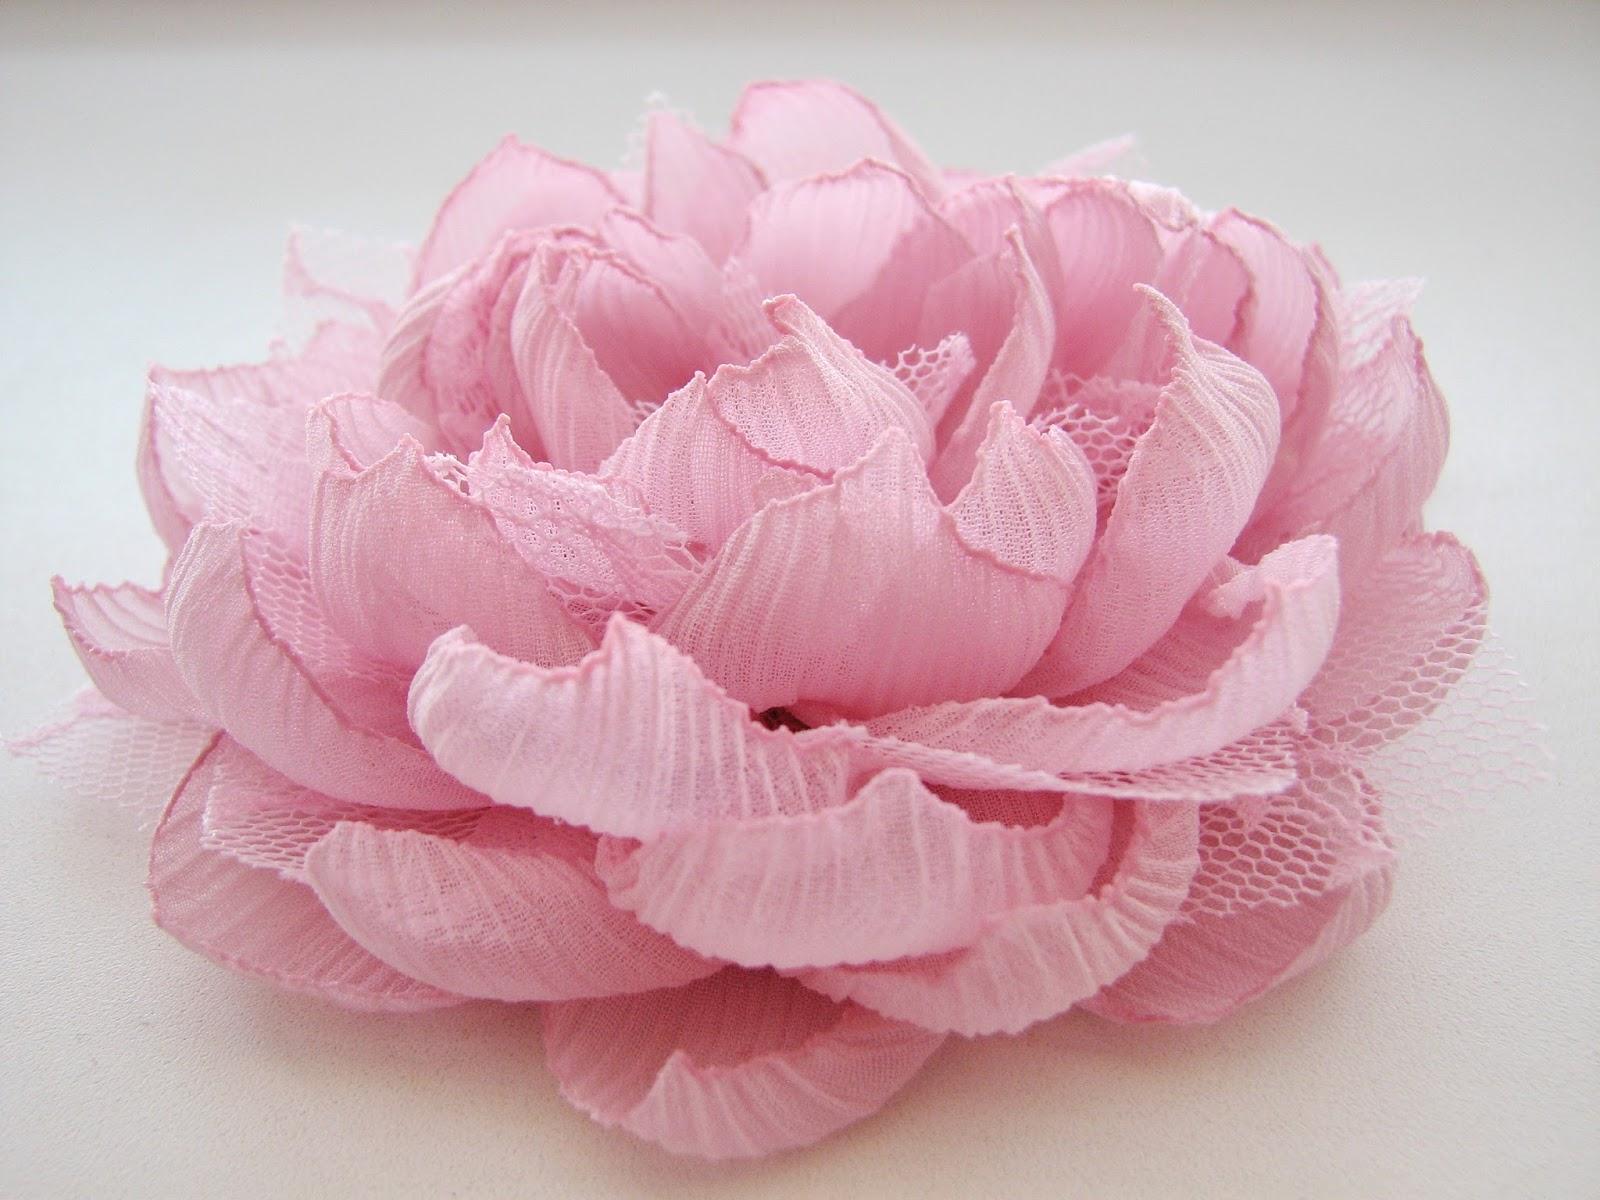 Как сделать цветок из кружева - Семиделухи 16